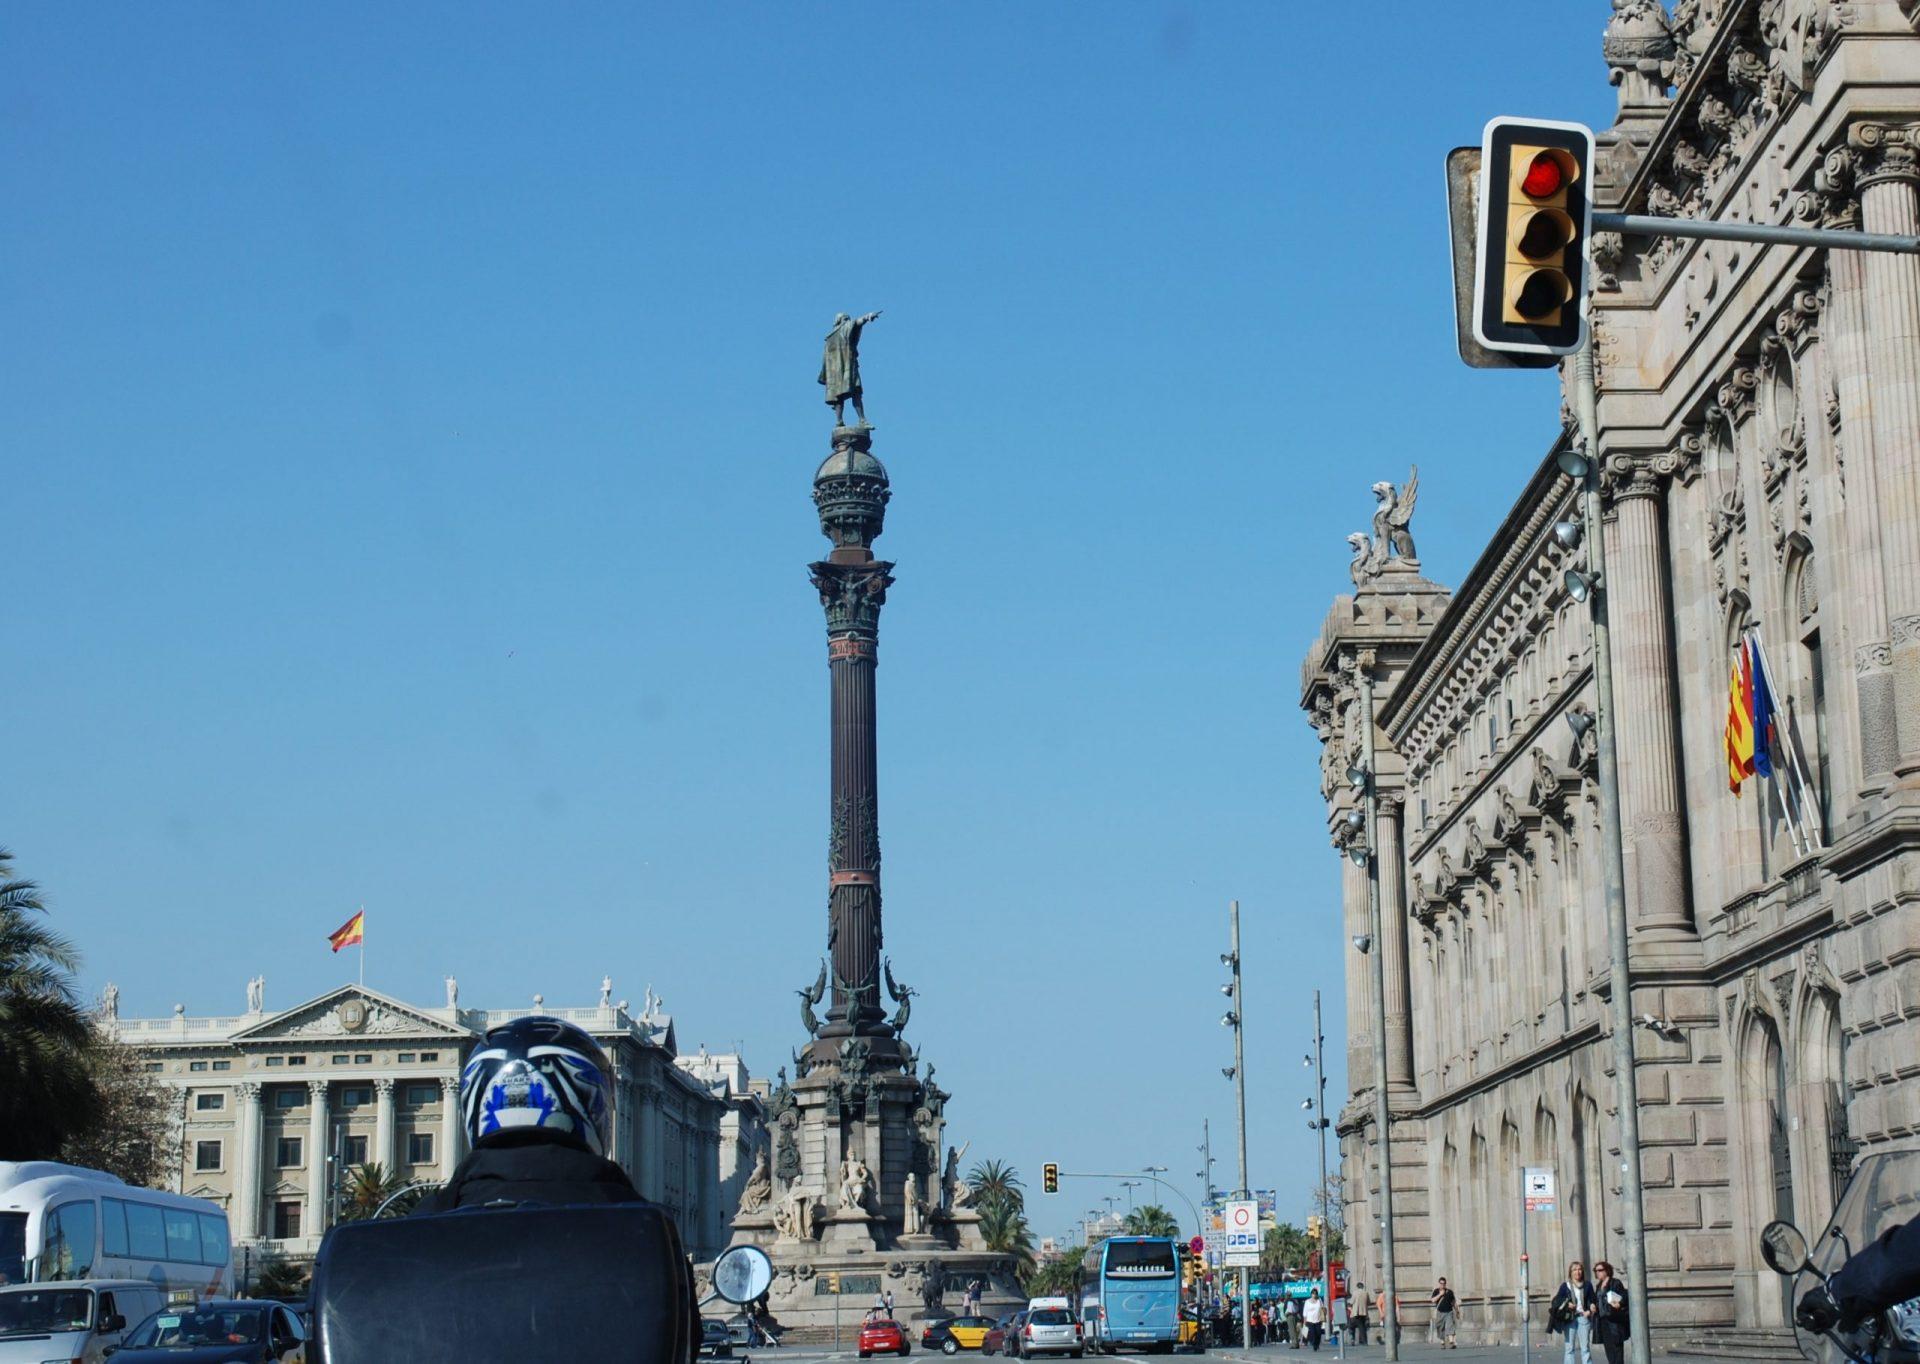 Памятник Колумбу, Барселона, Испания. Апрель, 2011